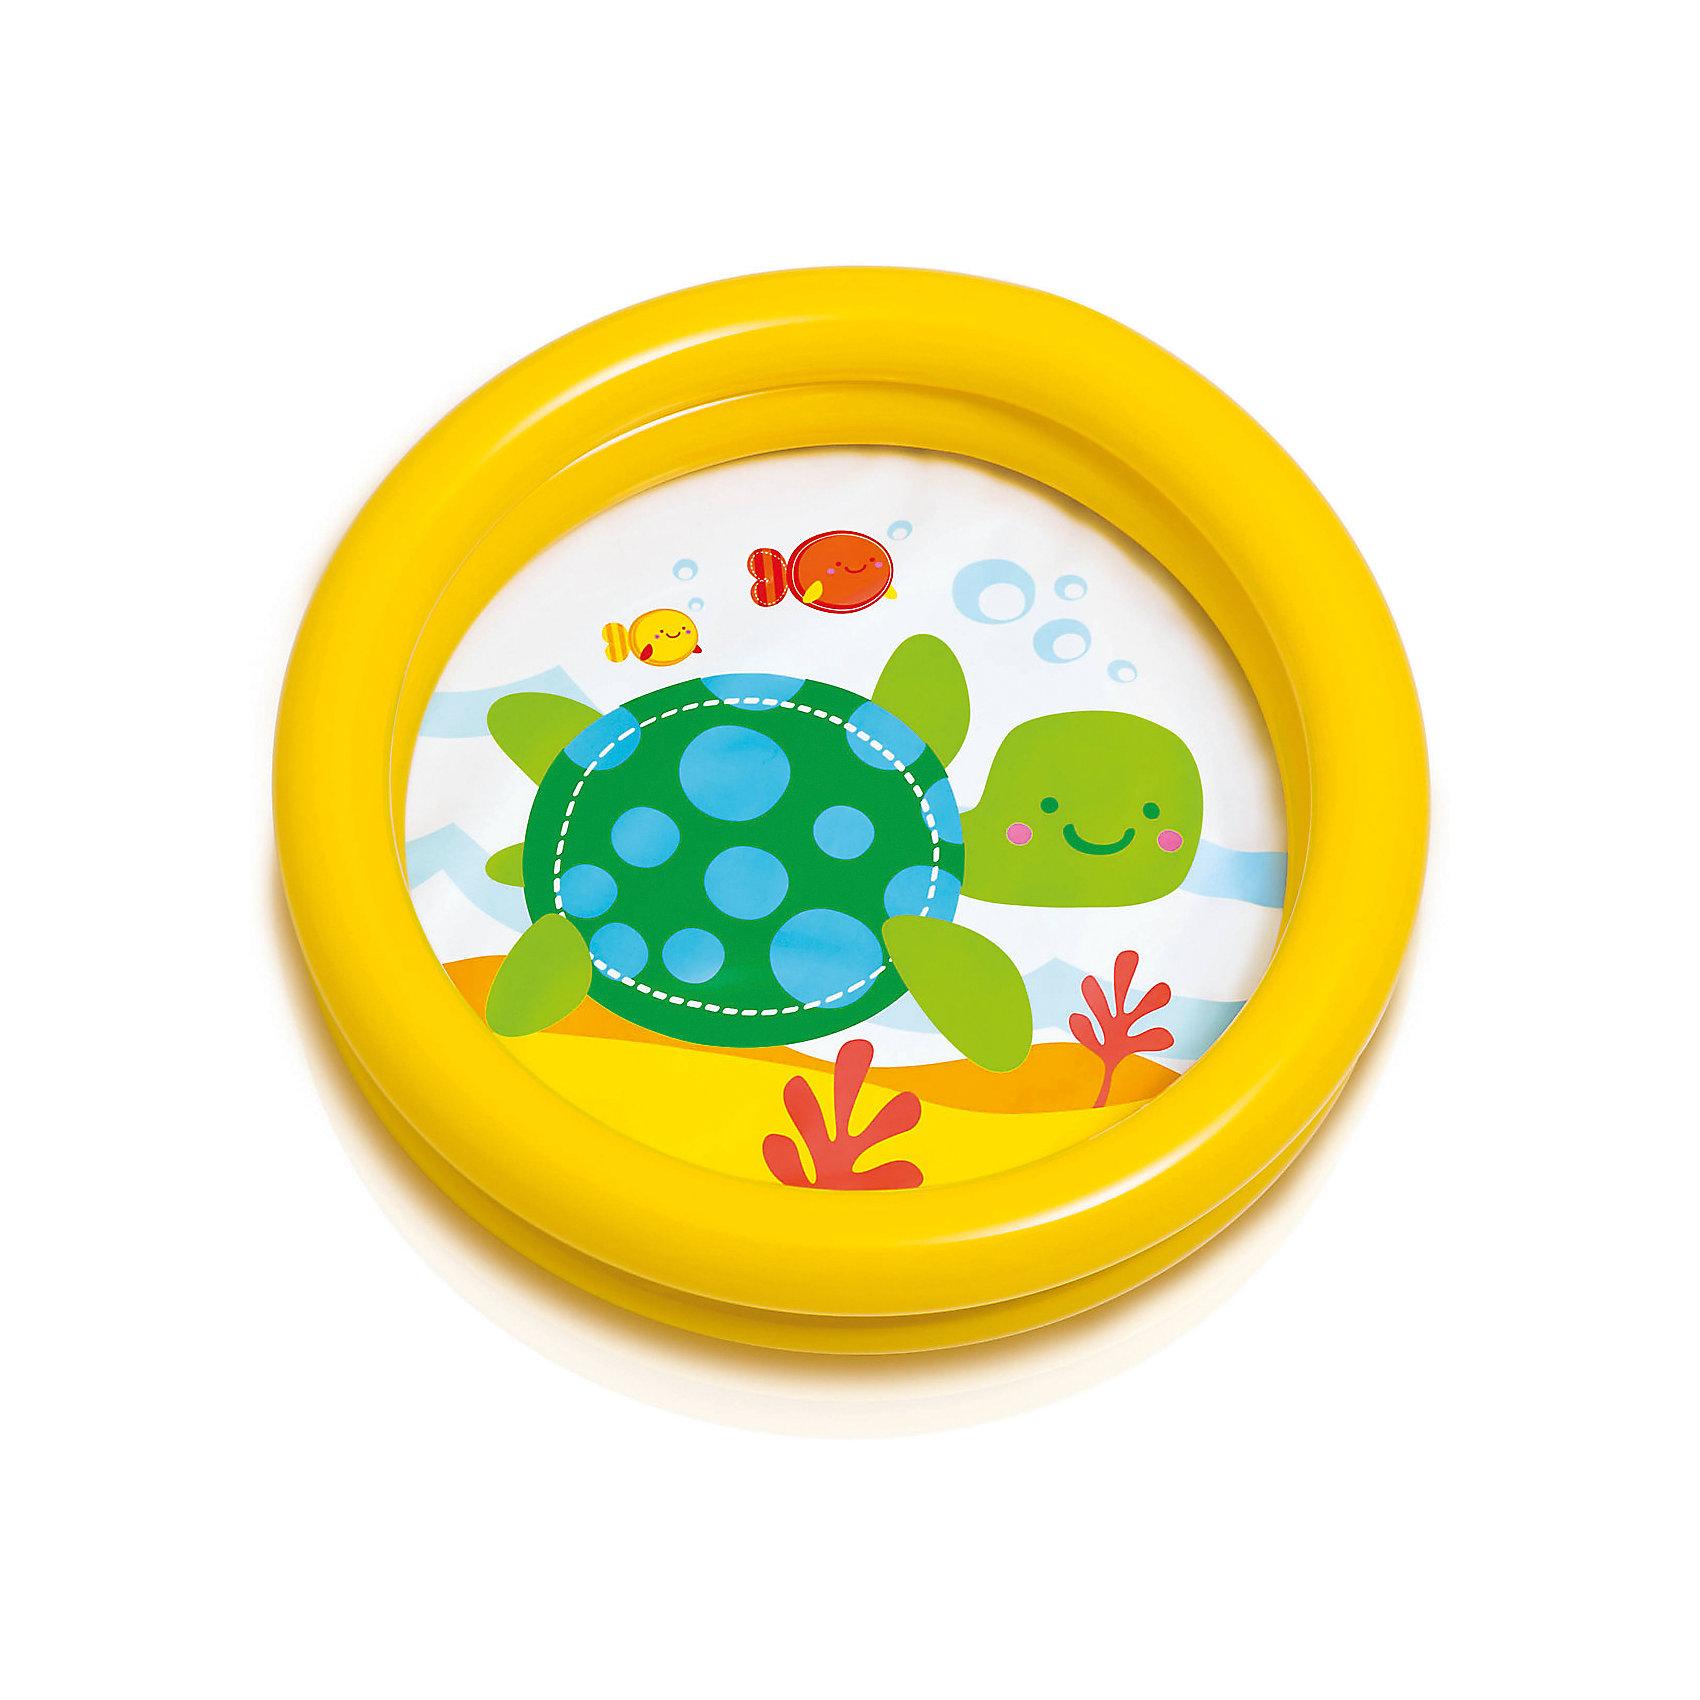 Детский надувной бассейн Черепашка, желтый, IntexБассейны<br>Детский надувной бассейн Черепашка, желтый, Intex (Интекс).<br><br>Характеристики:<br><br>• В комплекте: детский надувной бассейн, ремкоплект<br>• Размер бассейна: 61x15 см.<br>• Объем: 15 литров при наполнении на 80 %<br>• Материал: винил 0,2 мм.<br>• Ненадувное дно<br>• Цвет: желтый<br>• Вес в упаковке: 0,27 кг.<br><br>Детский надувной бассейн Черепашка от Intex (Интекс) предназначен для самых маленьких. Он отлично подойдет в качестве первого бассейна для вашего малыша. При желании бассейн можно использовать как ванночку для купания. Низкие бортики позволят ребенку самостоятельно забраться в бассейн, а картинка на дне сделает водные игры еще интереснее. Бортики бассейна представляют собой две воздушных камеры, которые надуваются независимо друг от друга. Бассейн изготовлен из прочного винила,<br><br>Детский надувной бассейн Черепашка, желтый, Intex (Интекс) можно купить в нашем интернет-магазине.<br><br>Ширина мм: 284<br>Глубина мм: 258<br>Высота мм: 40<br>Вес г: 257<br>Возраст от месяцев: 12<br>Возраст до месяцев: 36<br>Пол: Унисекс<br>Возраст: Детский<br>SKU: 5480578